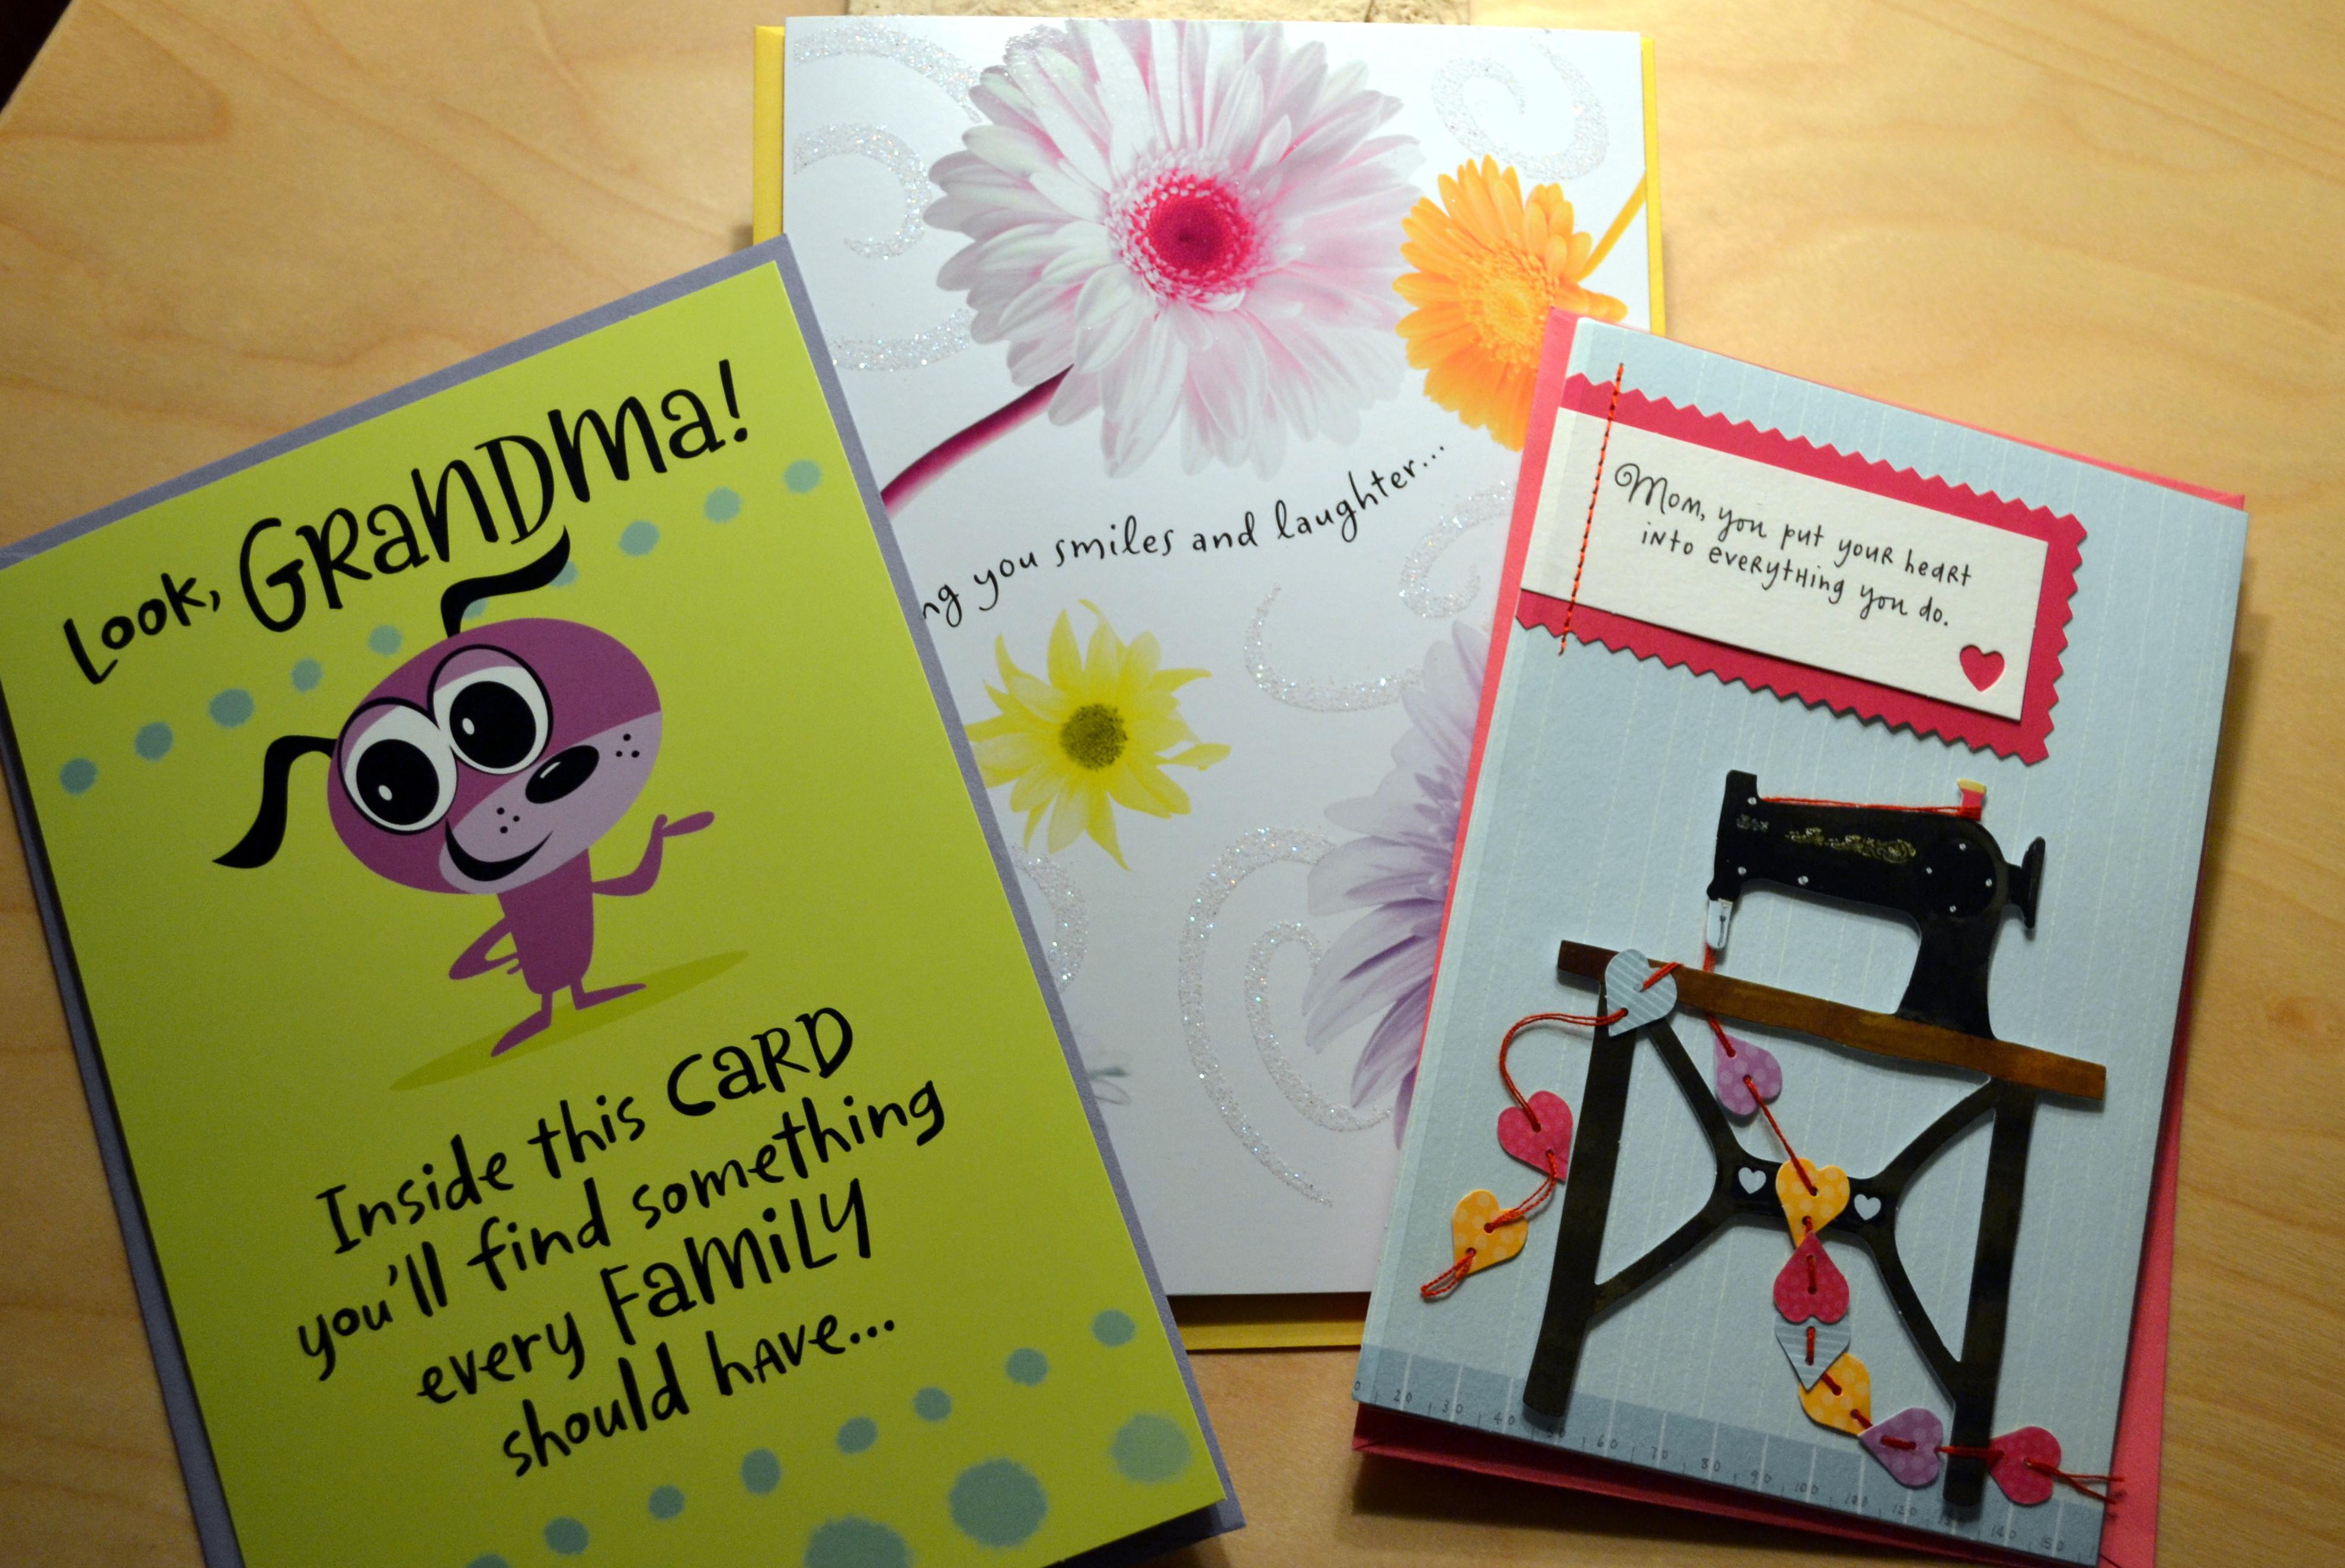 Best ideas about Birthday Wish Hallmark . Save or Pin Hallmark birthday wishes happy birthday wishes cards Now.